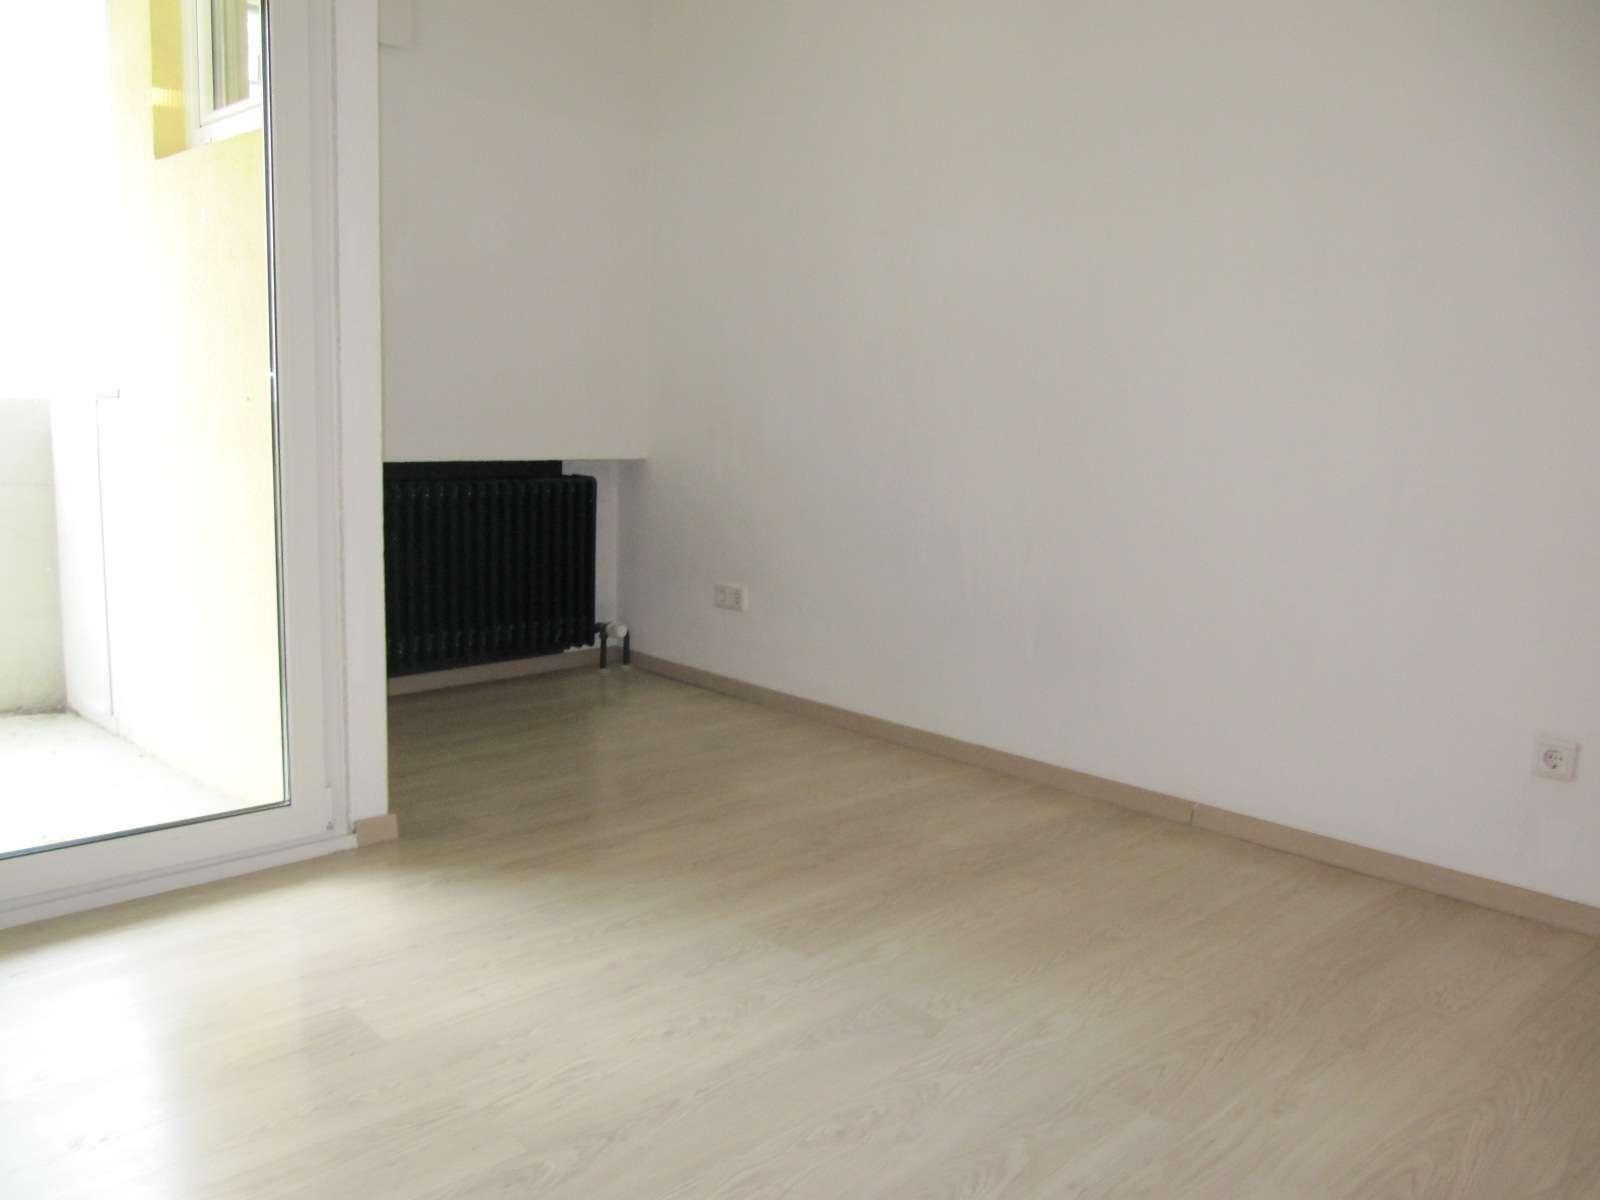 Fürth Kaiserstraße ! Möbliertes helles 1 Zimmer 22 qm f. Schüler/Studenten/Pendler, zentrale Lage in